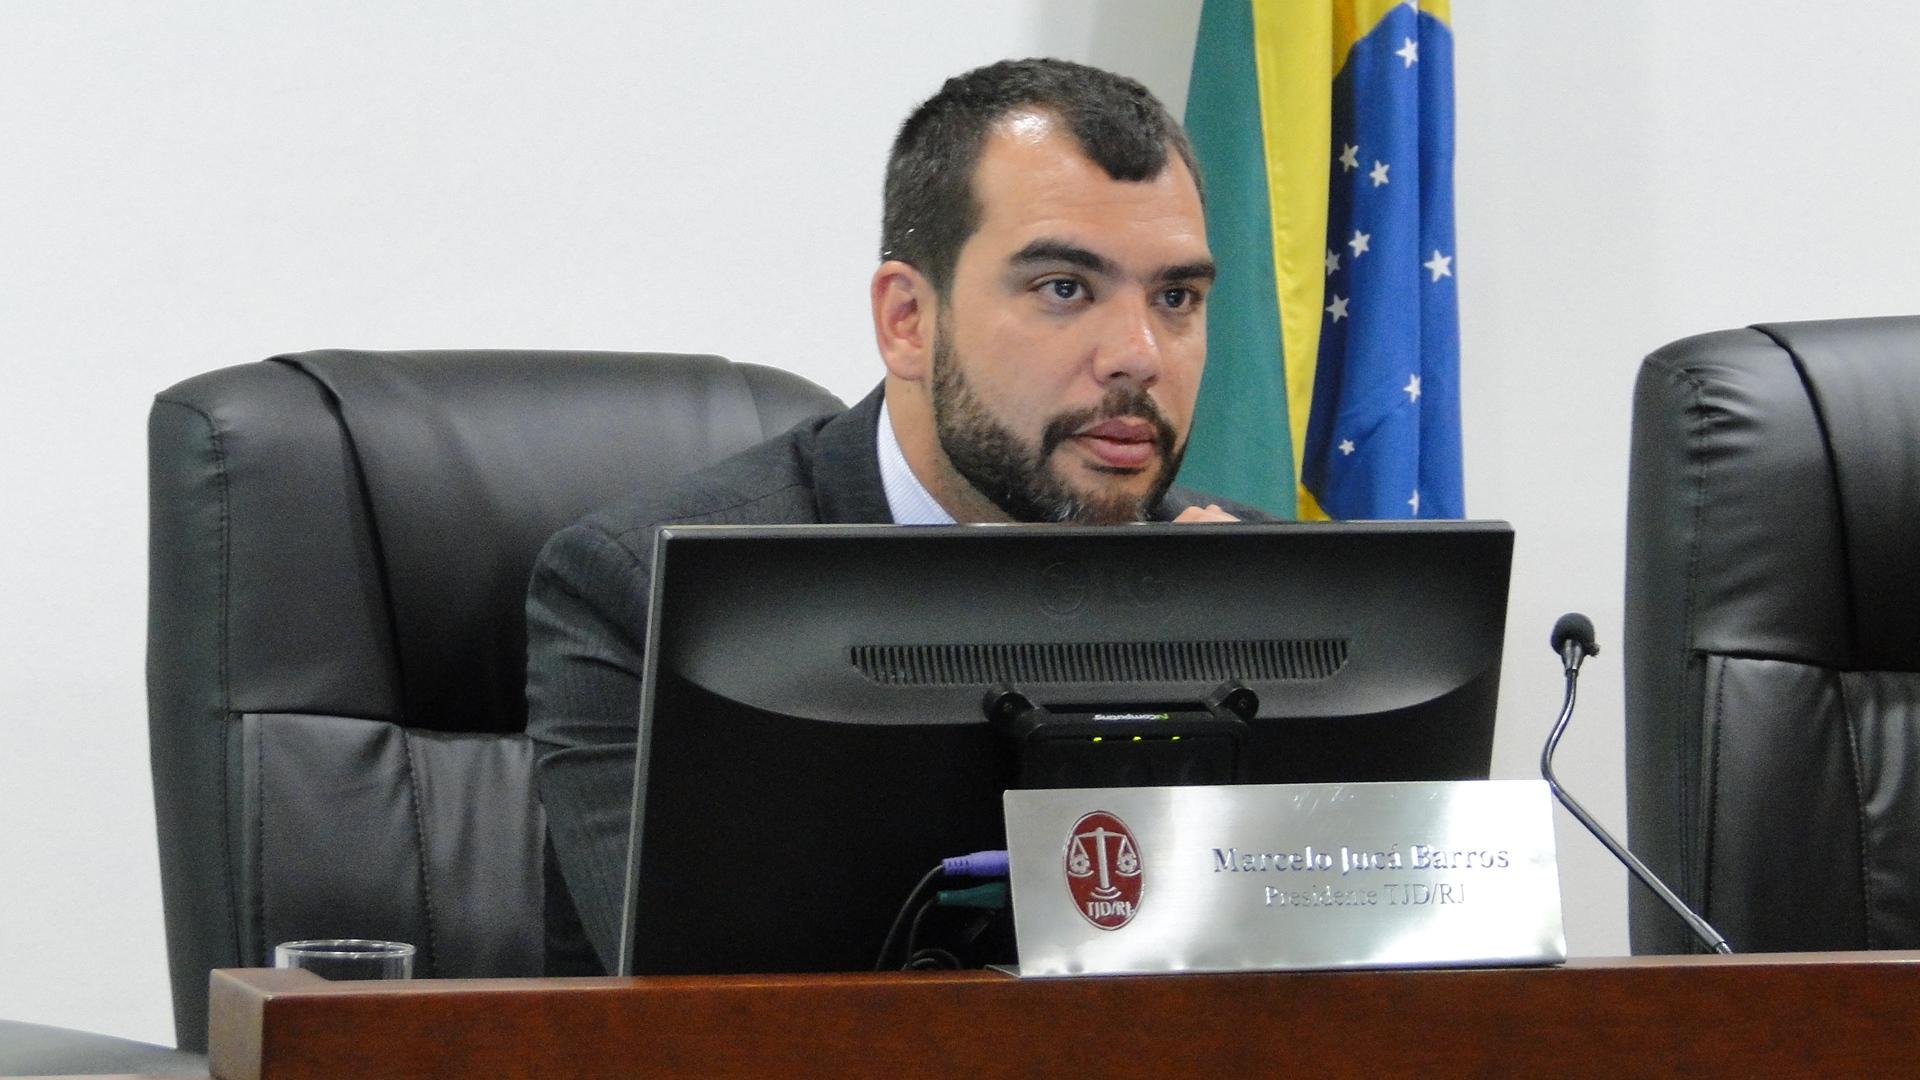 Presidente nega pedido da Procuradoria para suspensão preventiva de Rildo